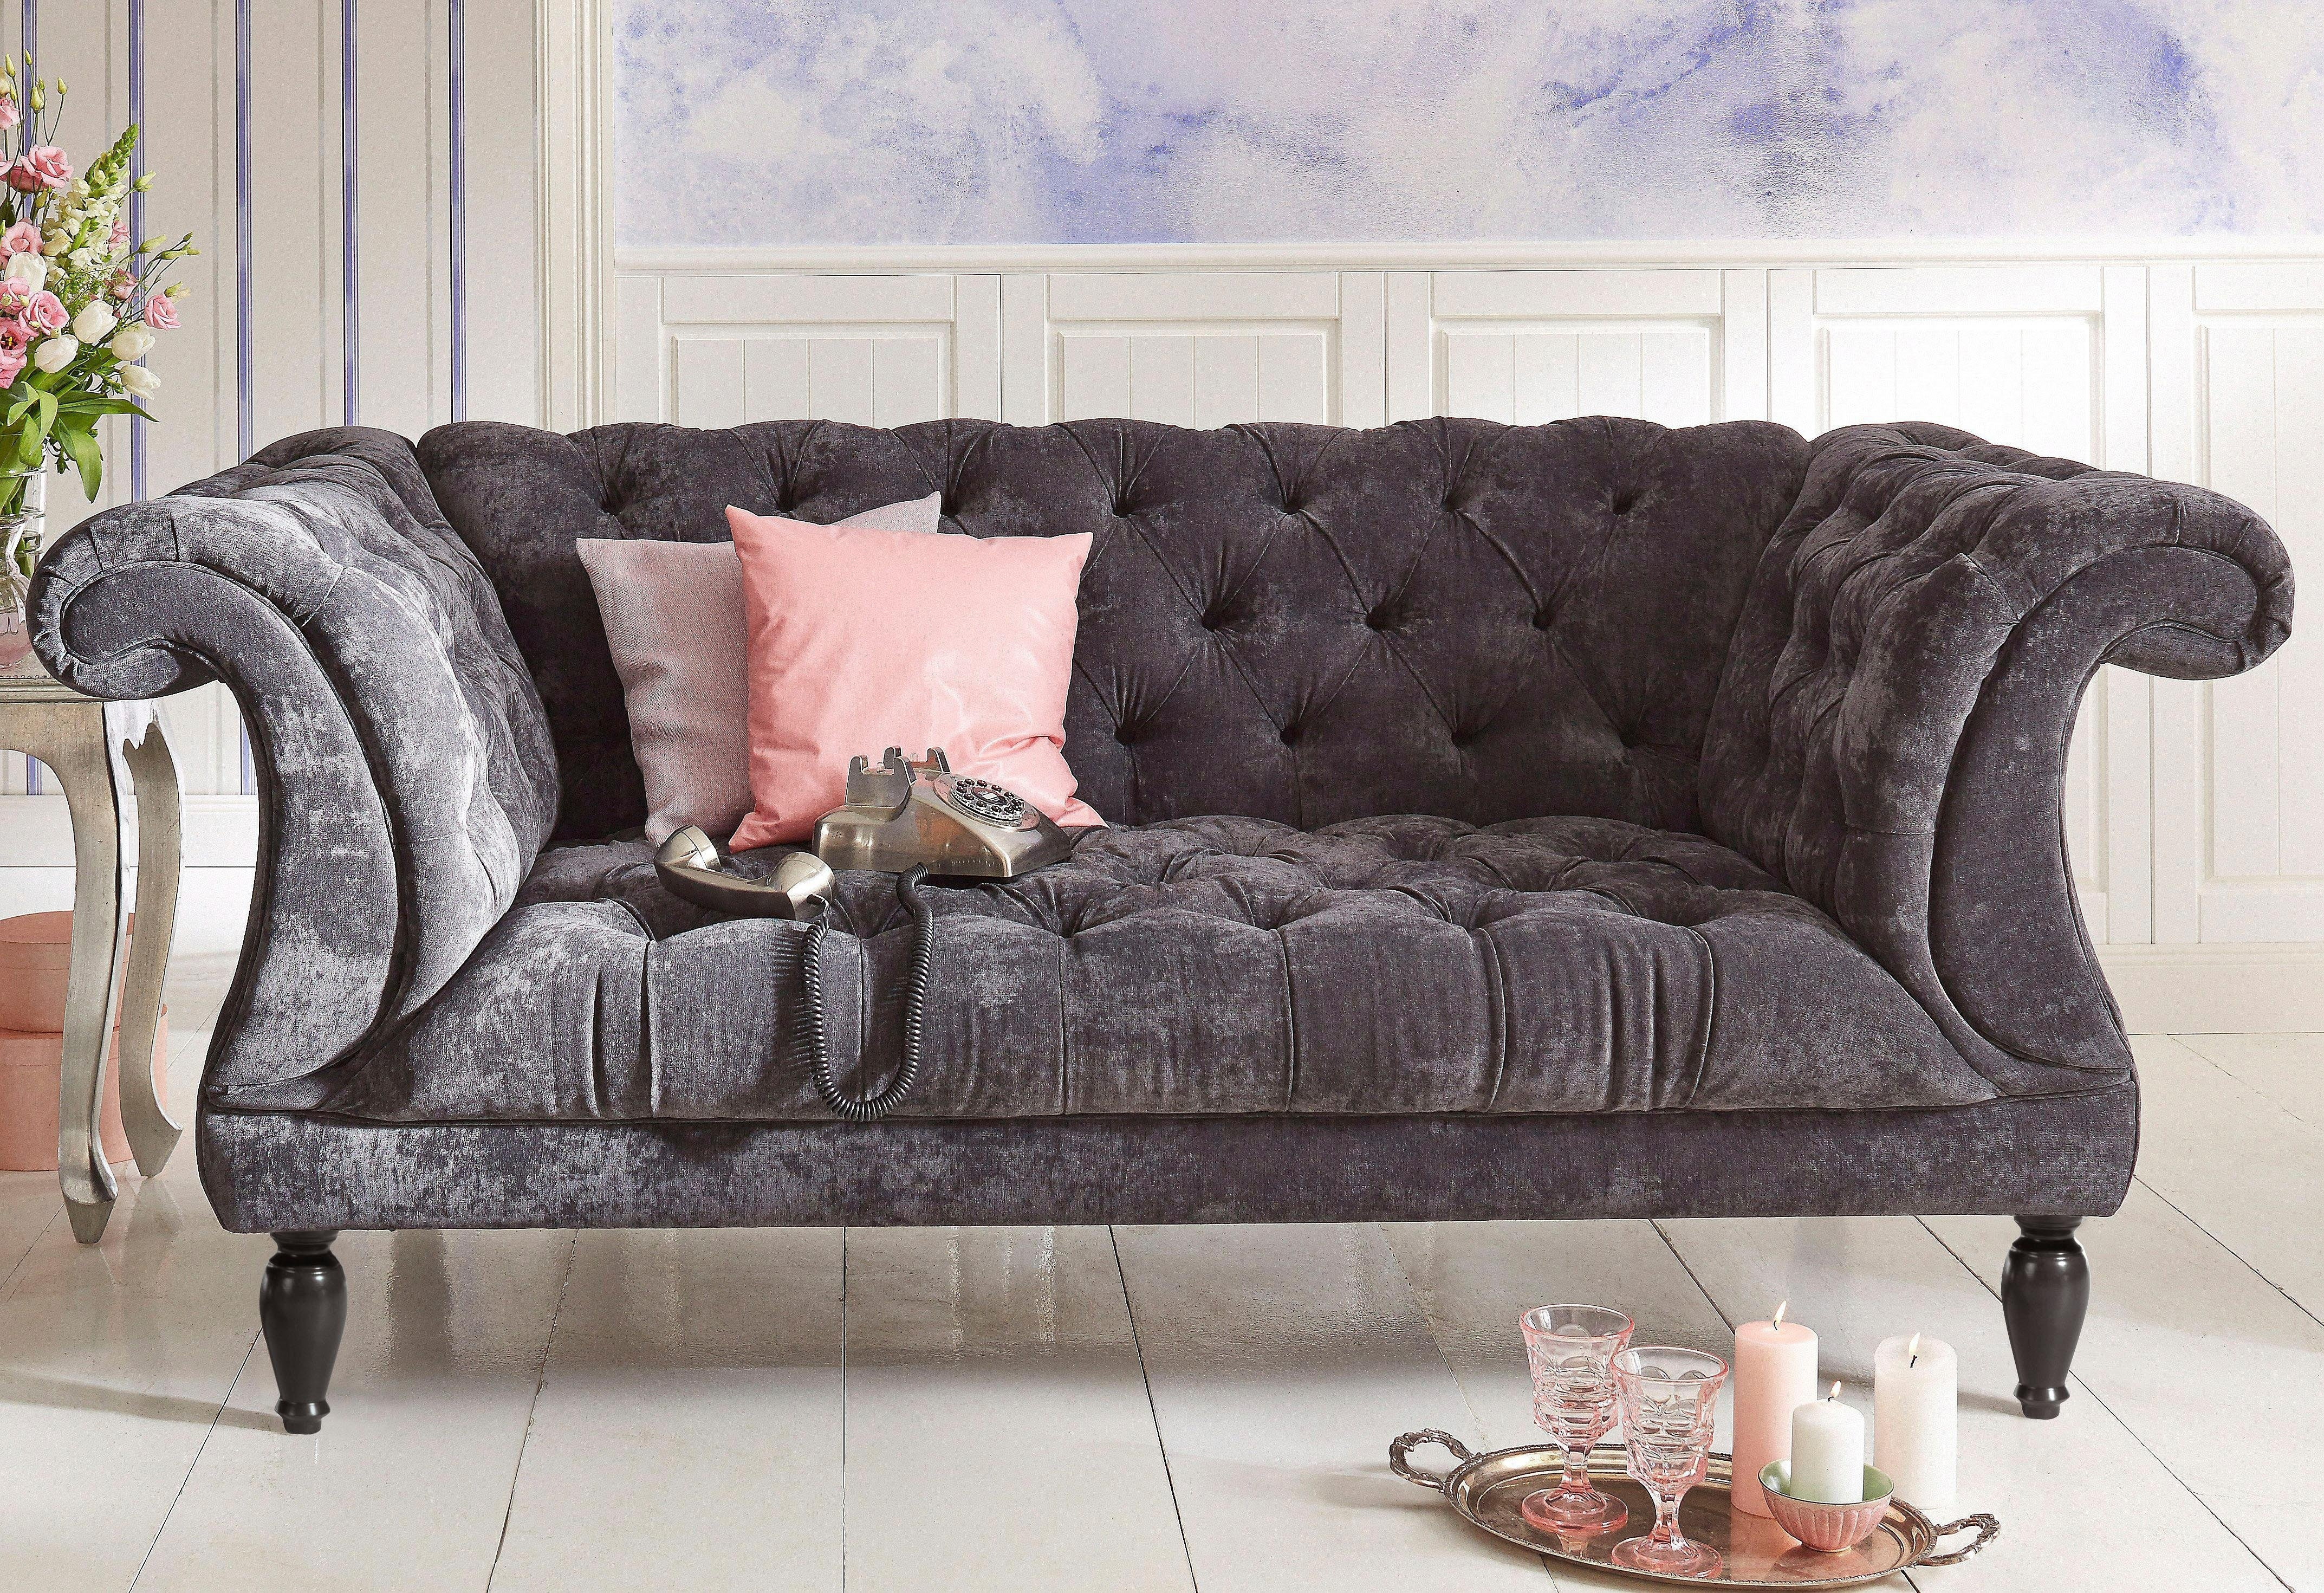 Max Winzer HOME AFFAIRE 2-zitsbank in chesterfield-stijl nu online kopen bij OTTO